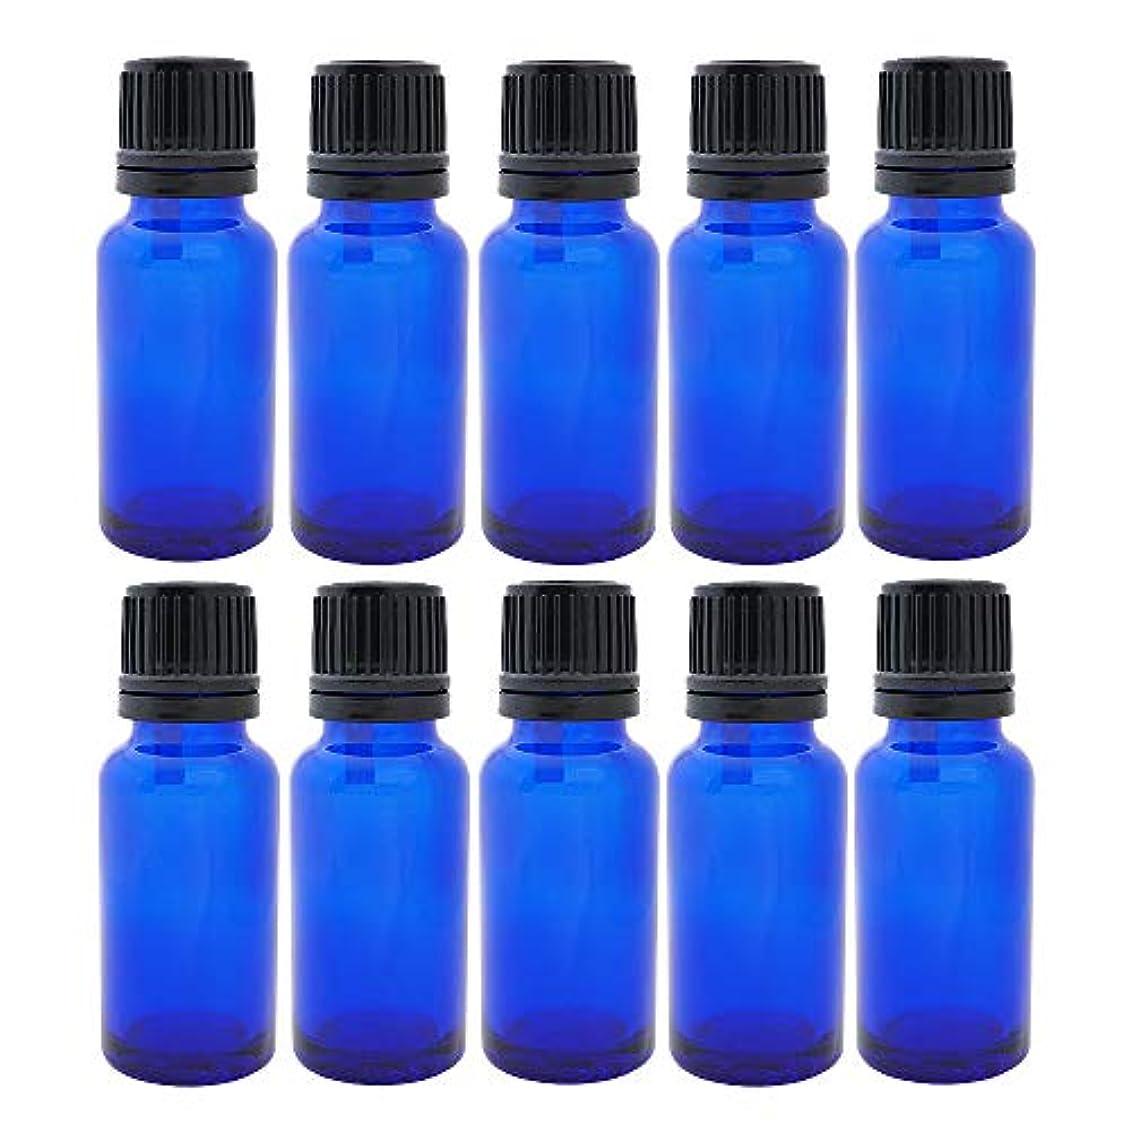 数学的な部屋を掃除する布グリッタ (GLITTER) 20ml瓶 10本(ドロッパー キャップ付) 20mlx10本